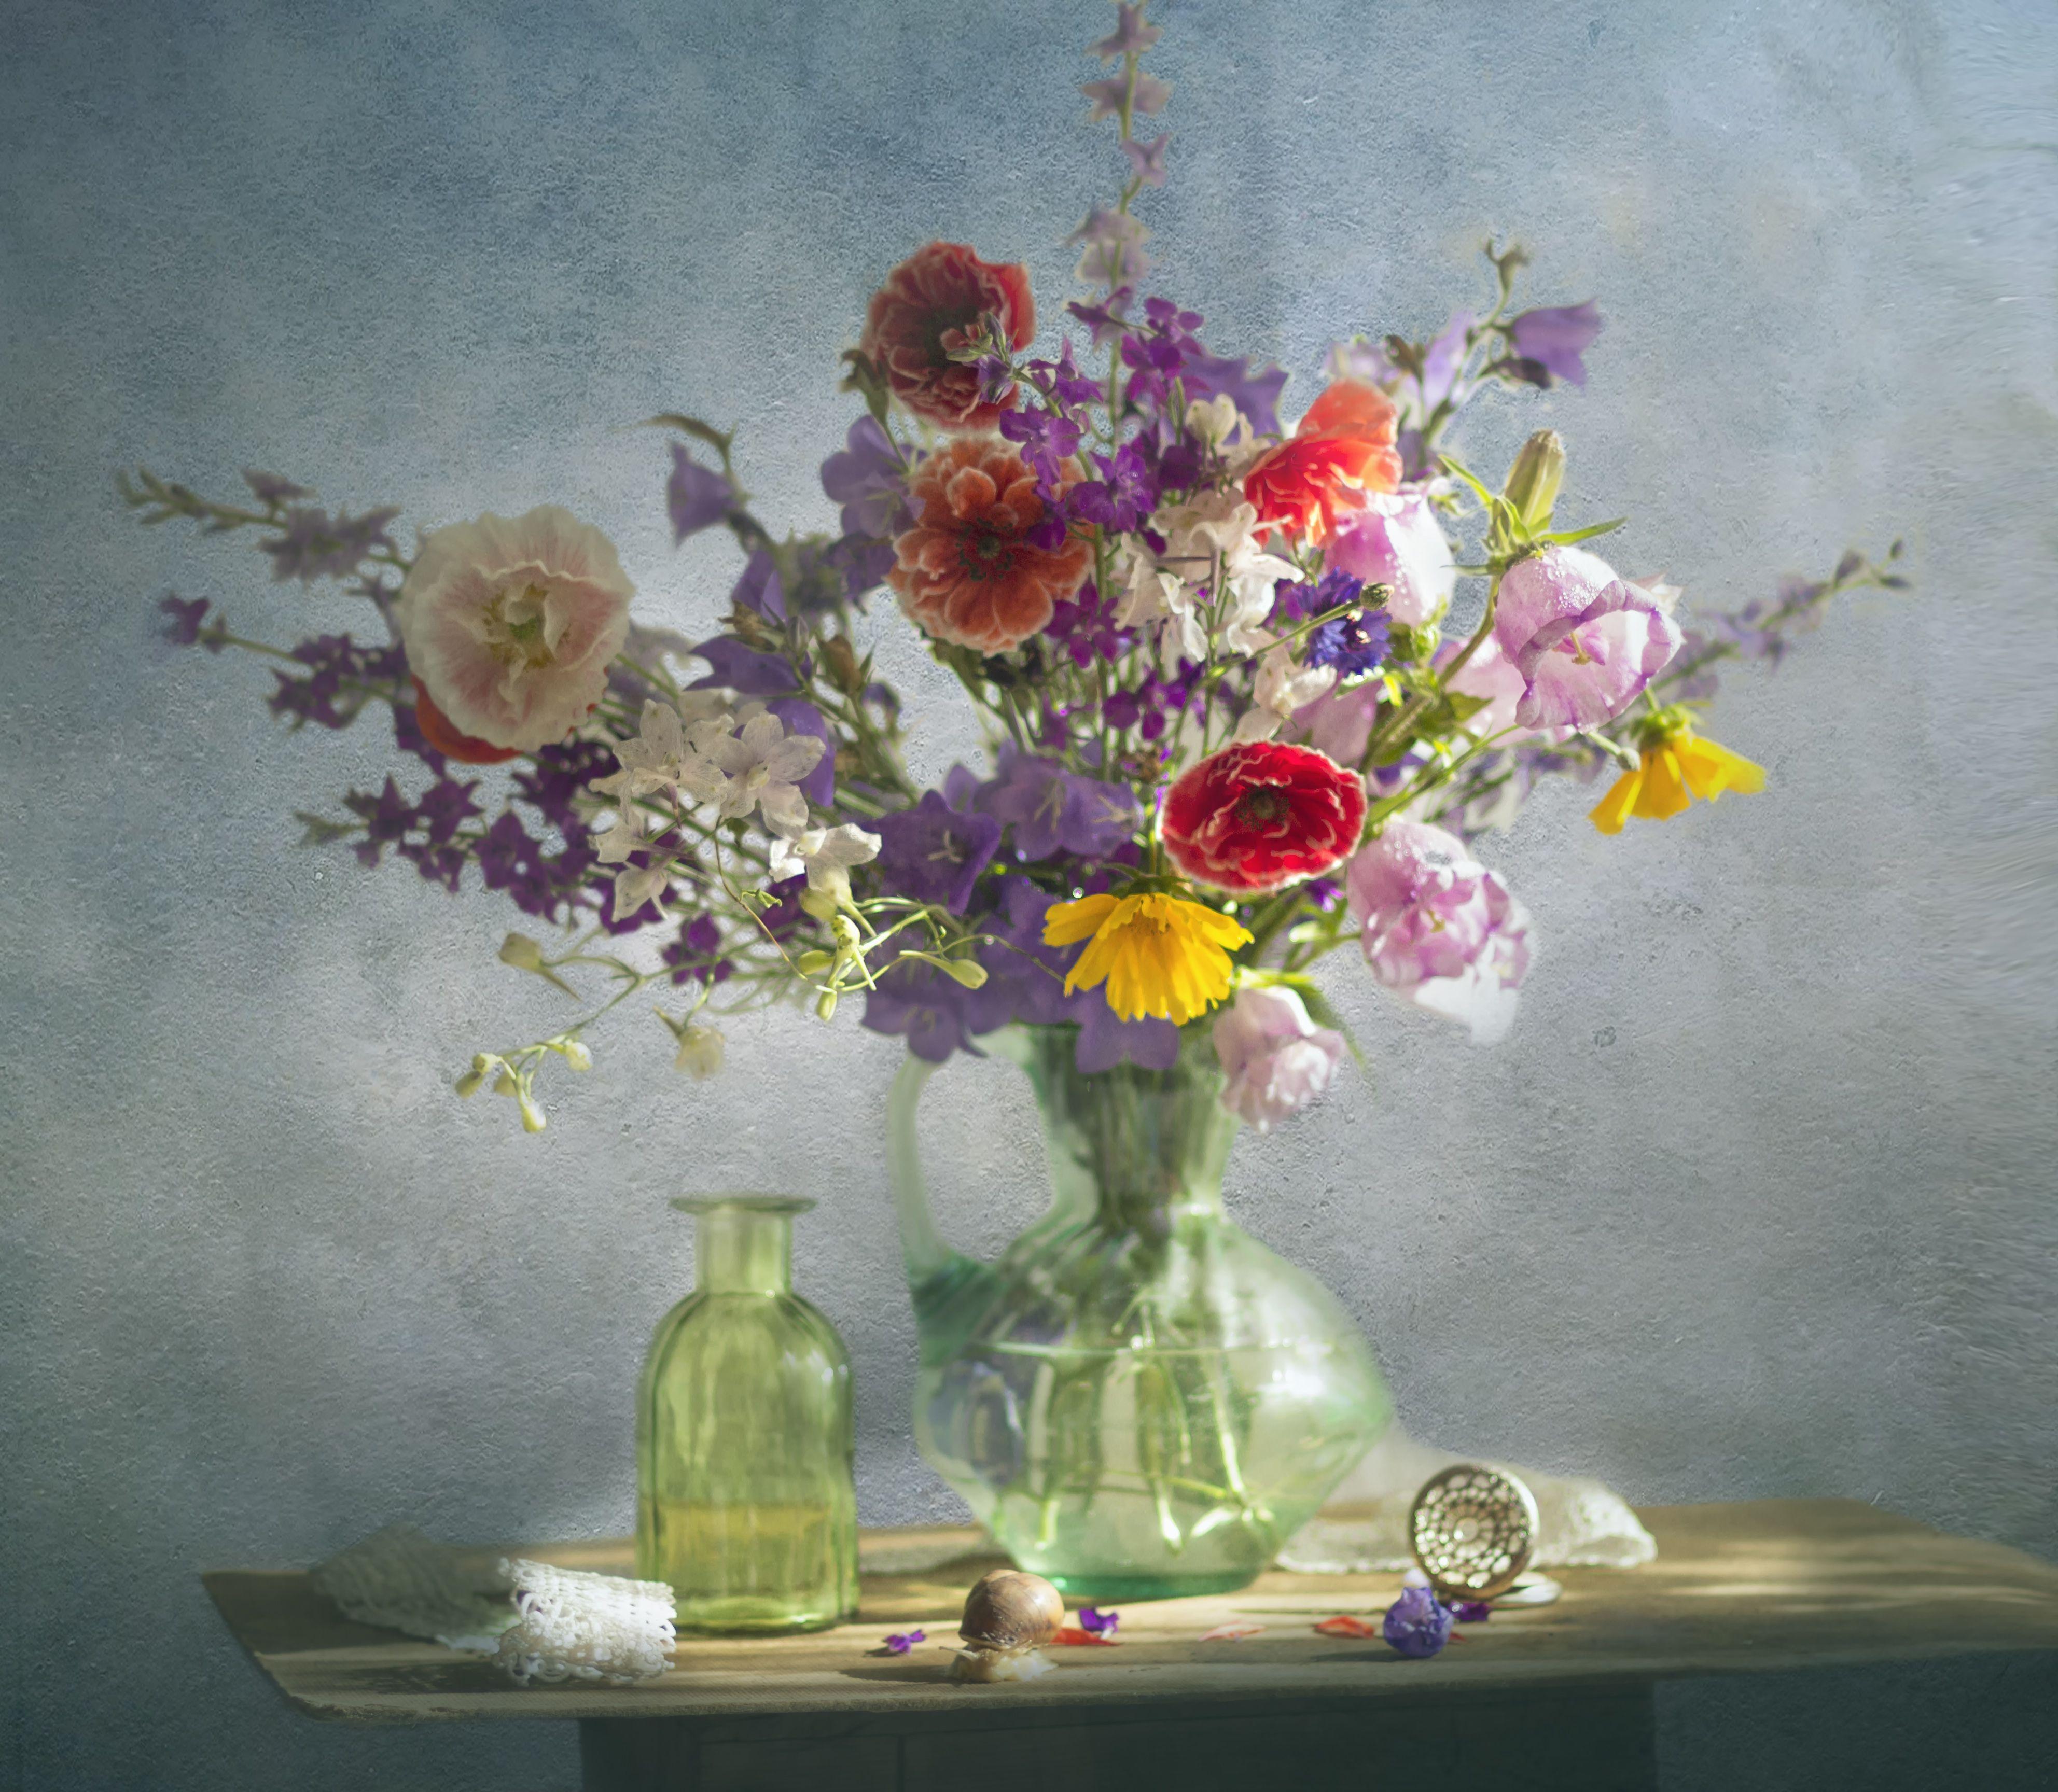 букет цветов, натюрморт, лето, Зимина Лионелла